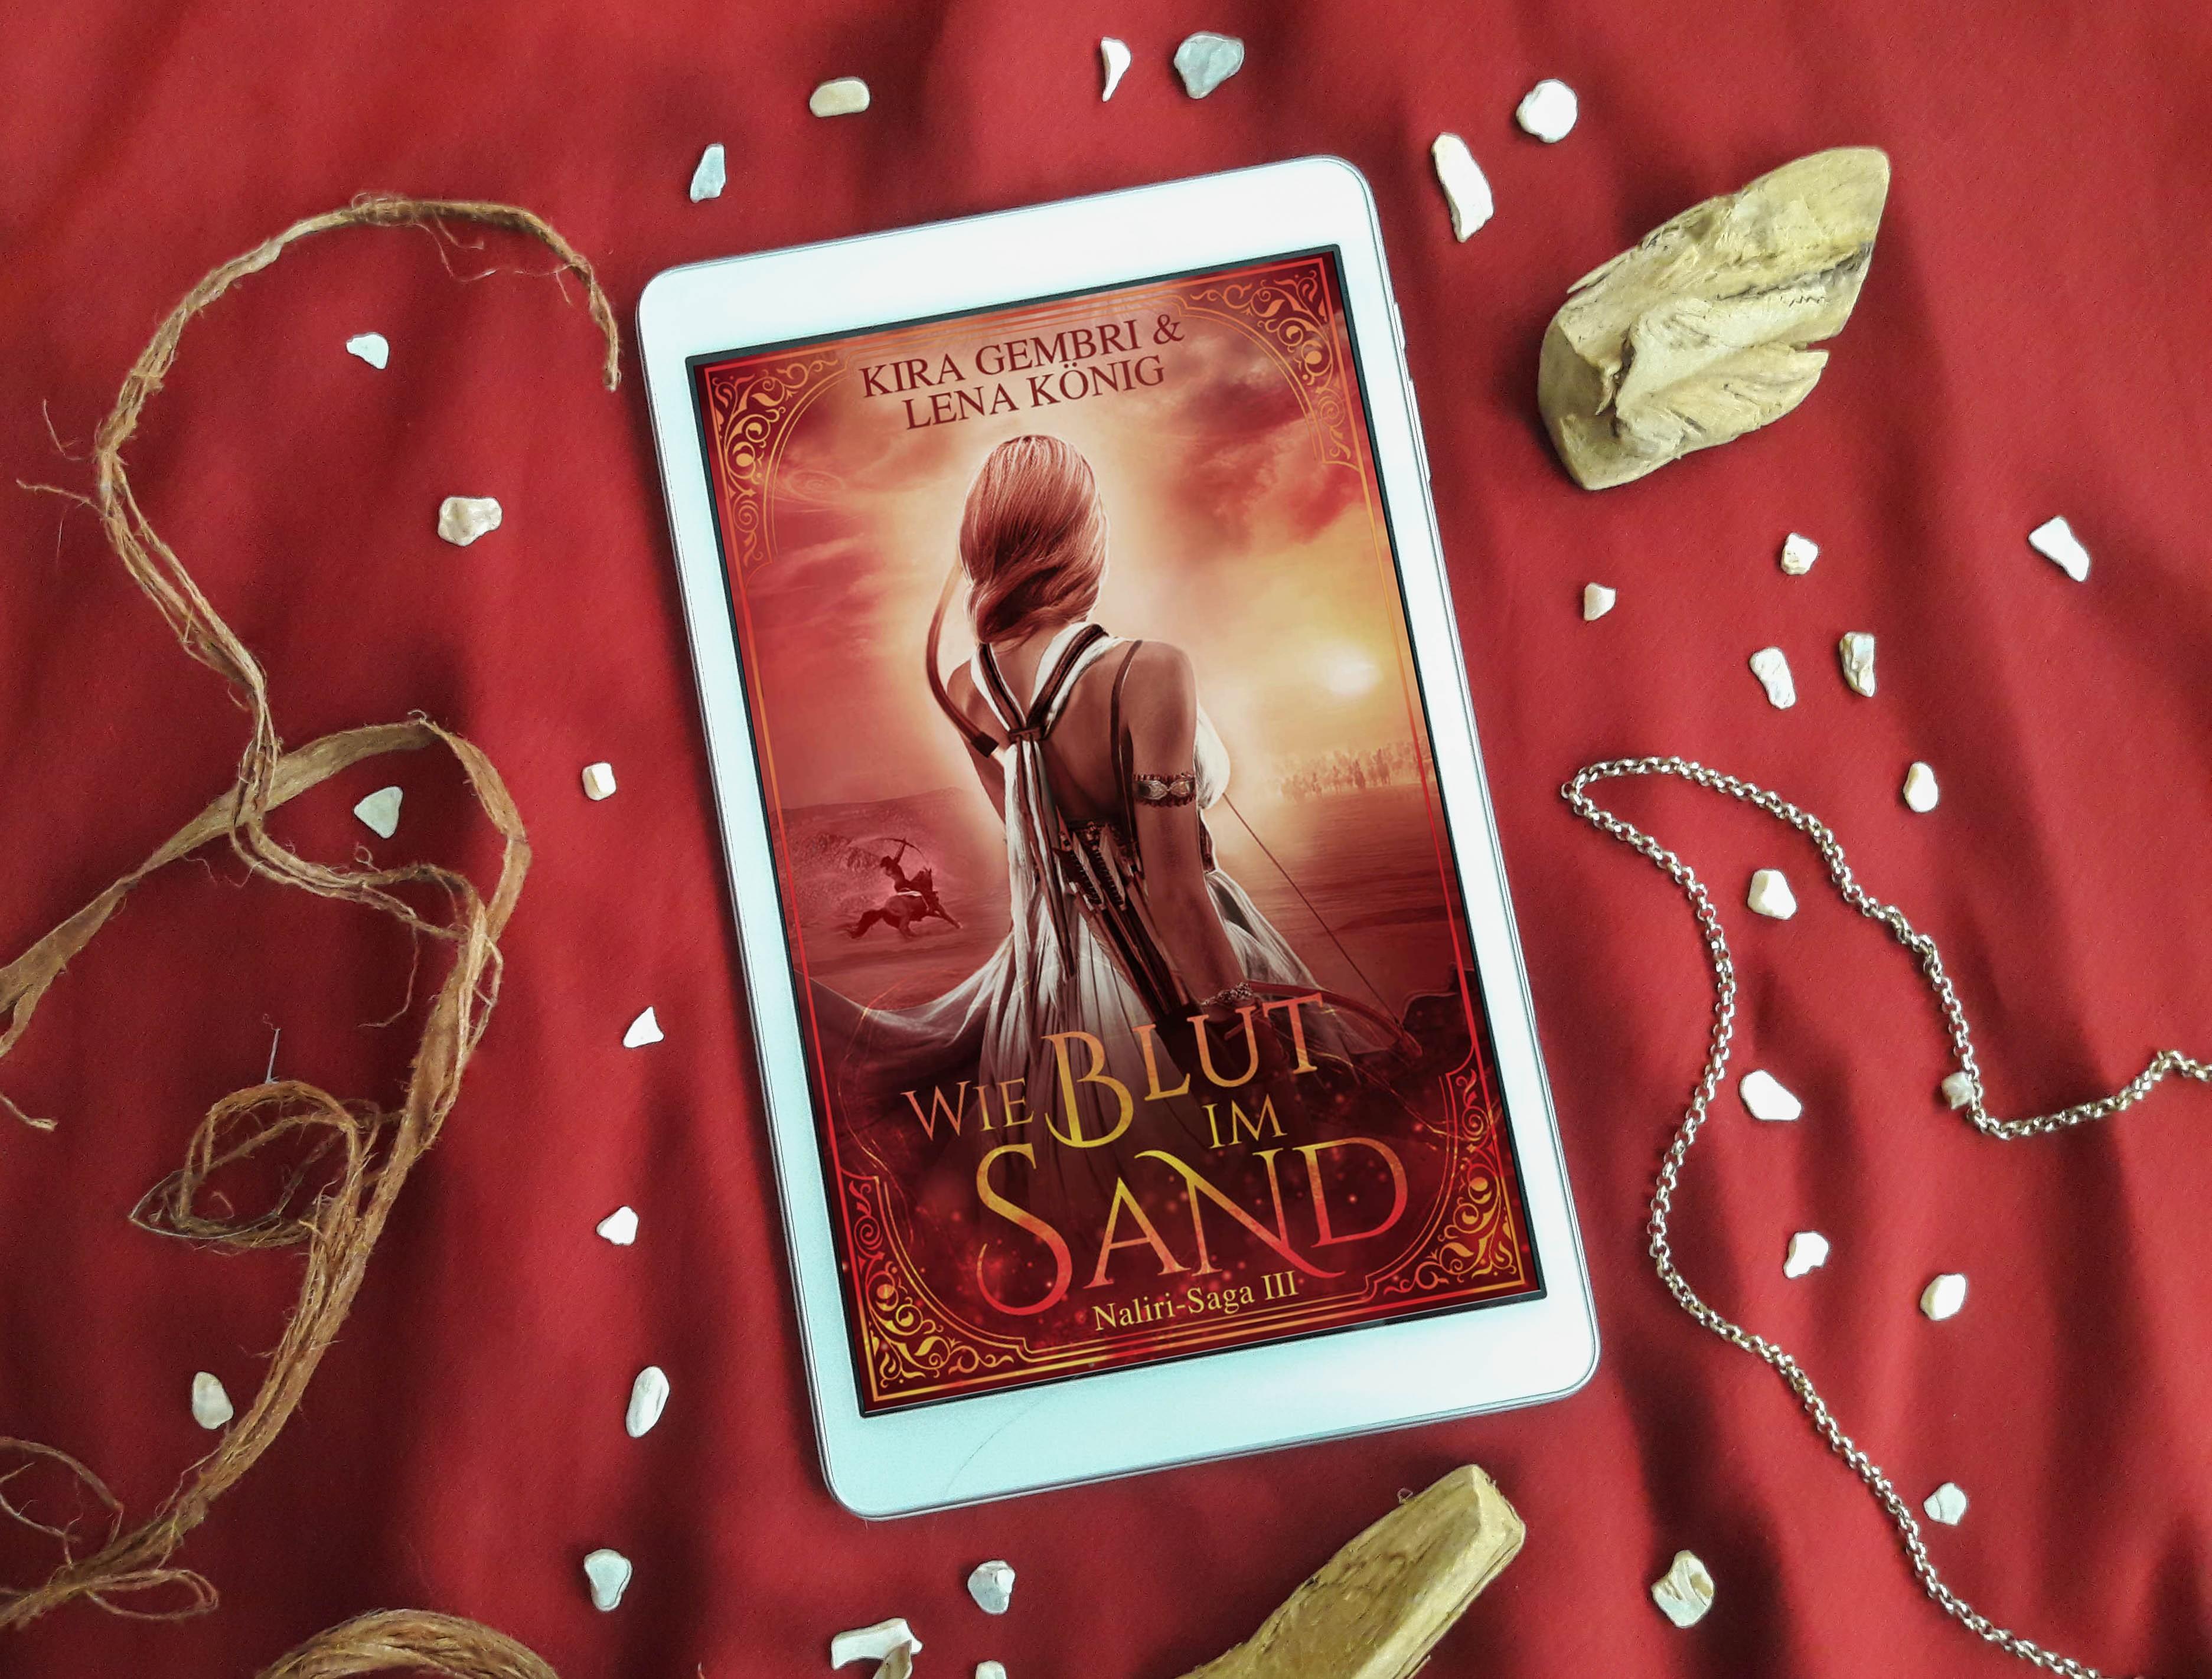 Wie Blut im Sand: Naliri-Saga 3 – Kira Gembri und Lena König graphic